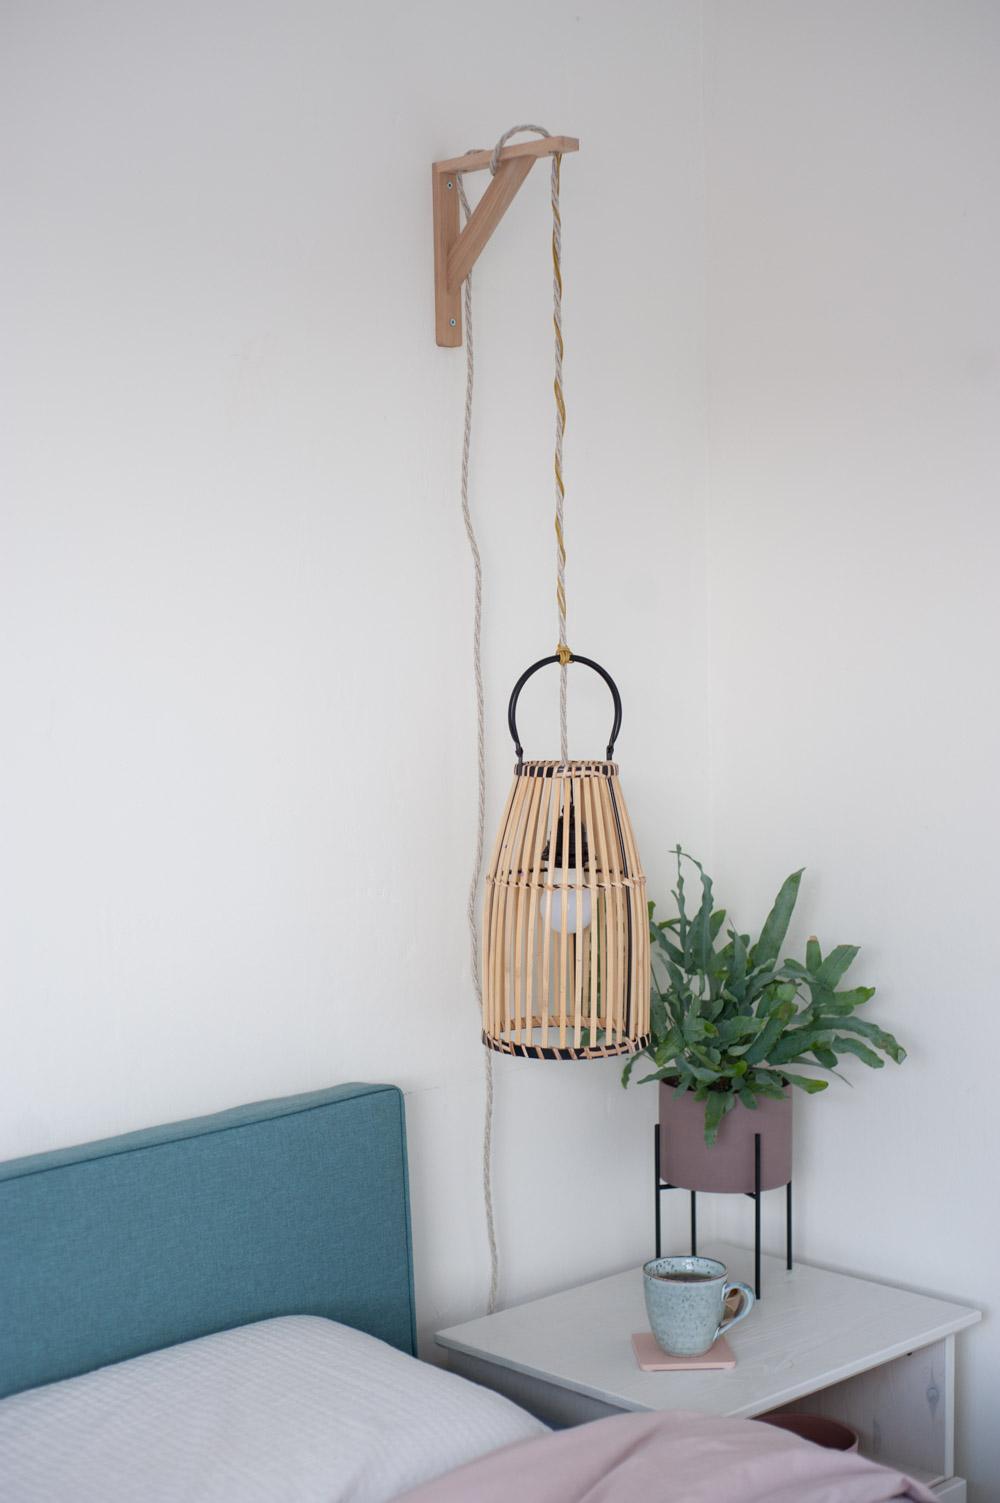 Full Size of Hängelampe Schlafzimmer Lampe Bambus Luxus Innentren Wei Freshouse Weiss Kommode Weißes Set Mit Boxspringbett Deckenlampe Deckenleuchte Komplettangebote Wohnzimmer Hängelampe Schlafzimmer